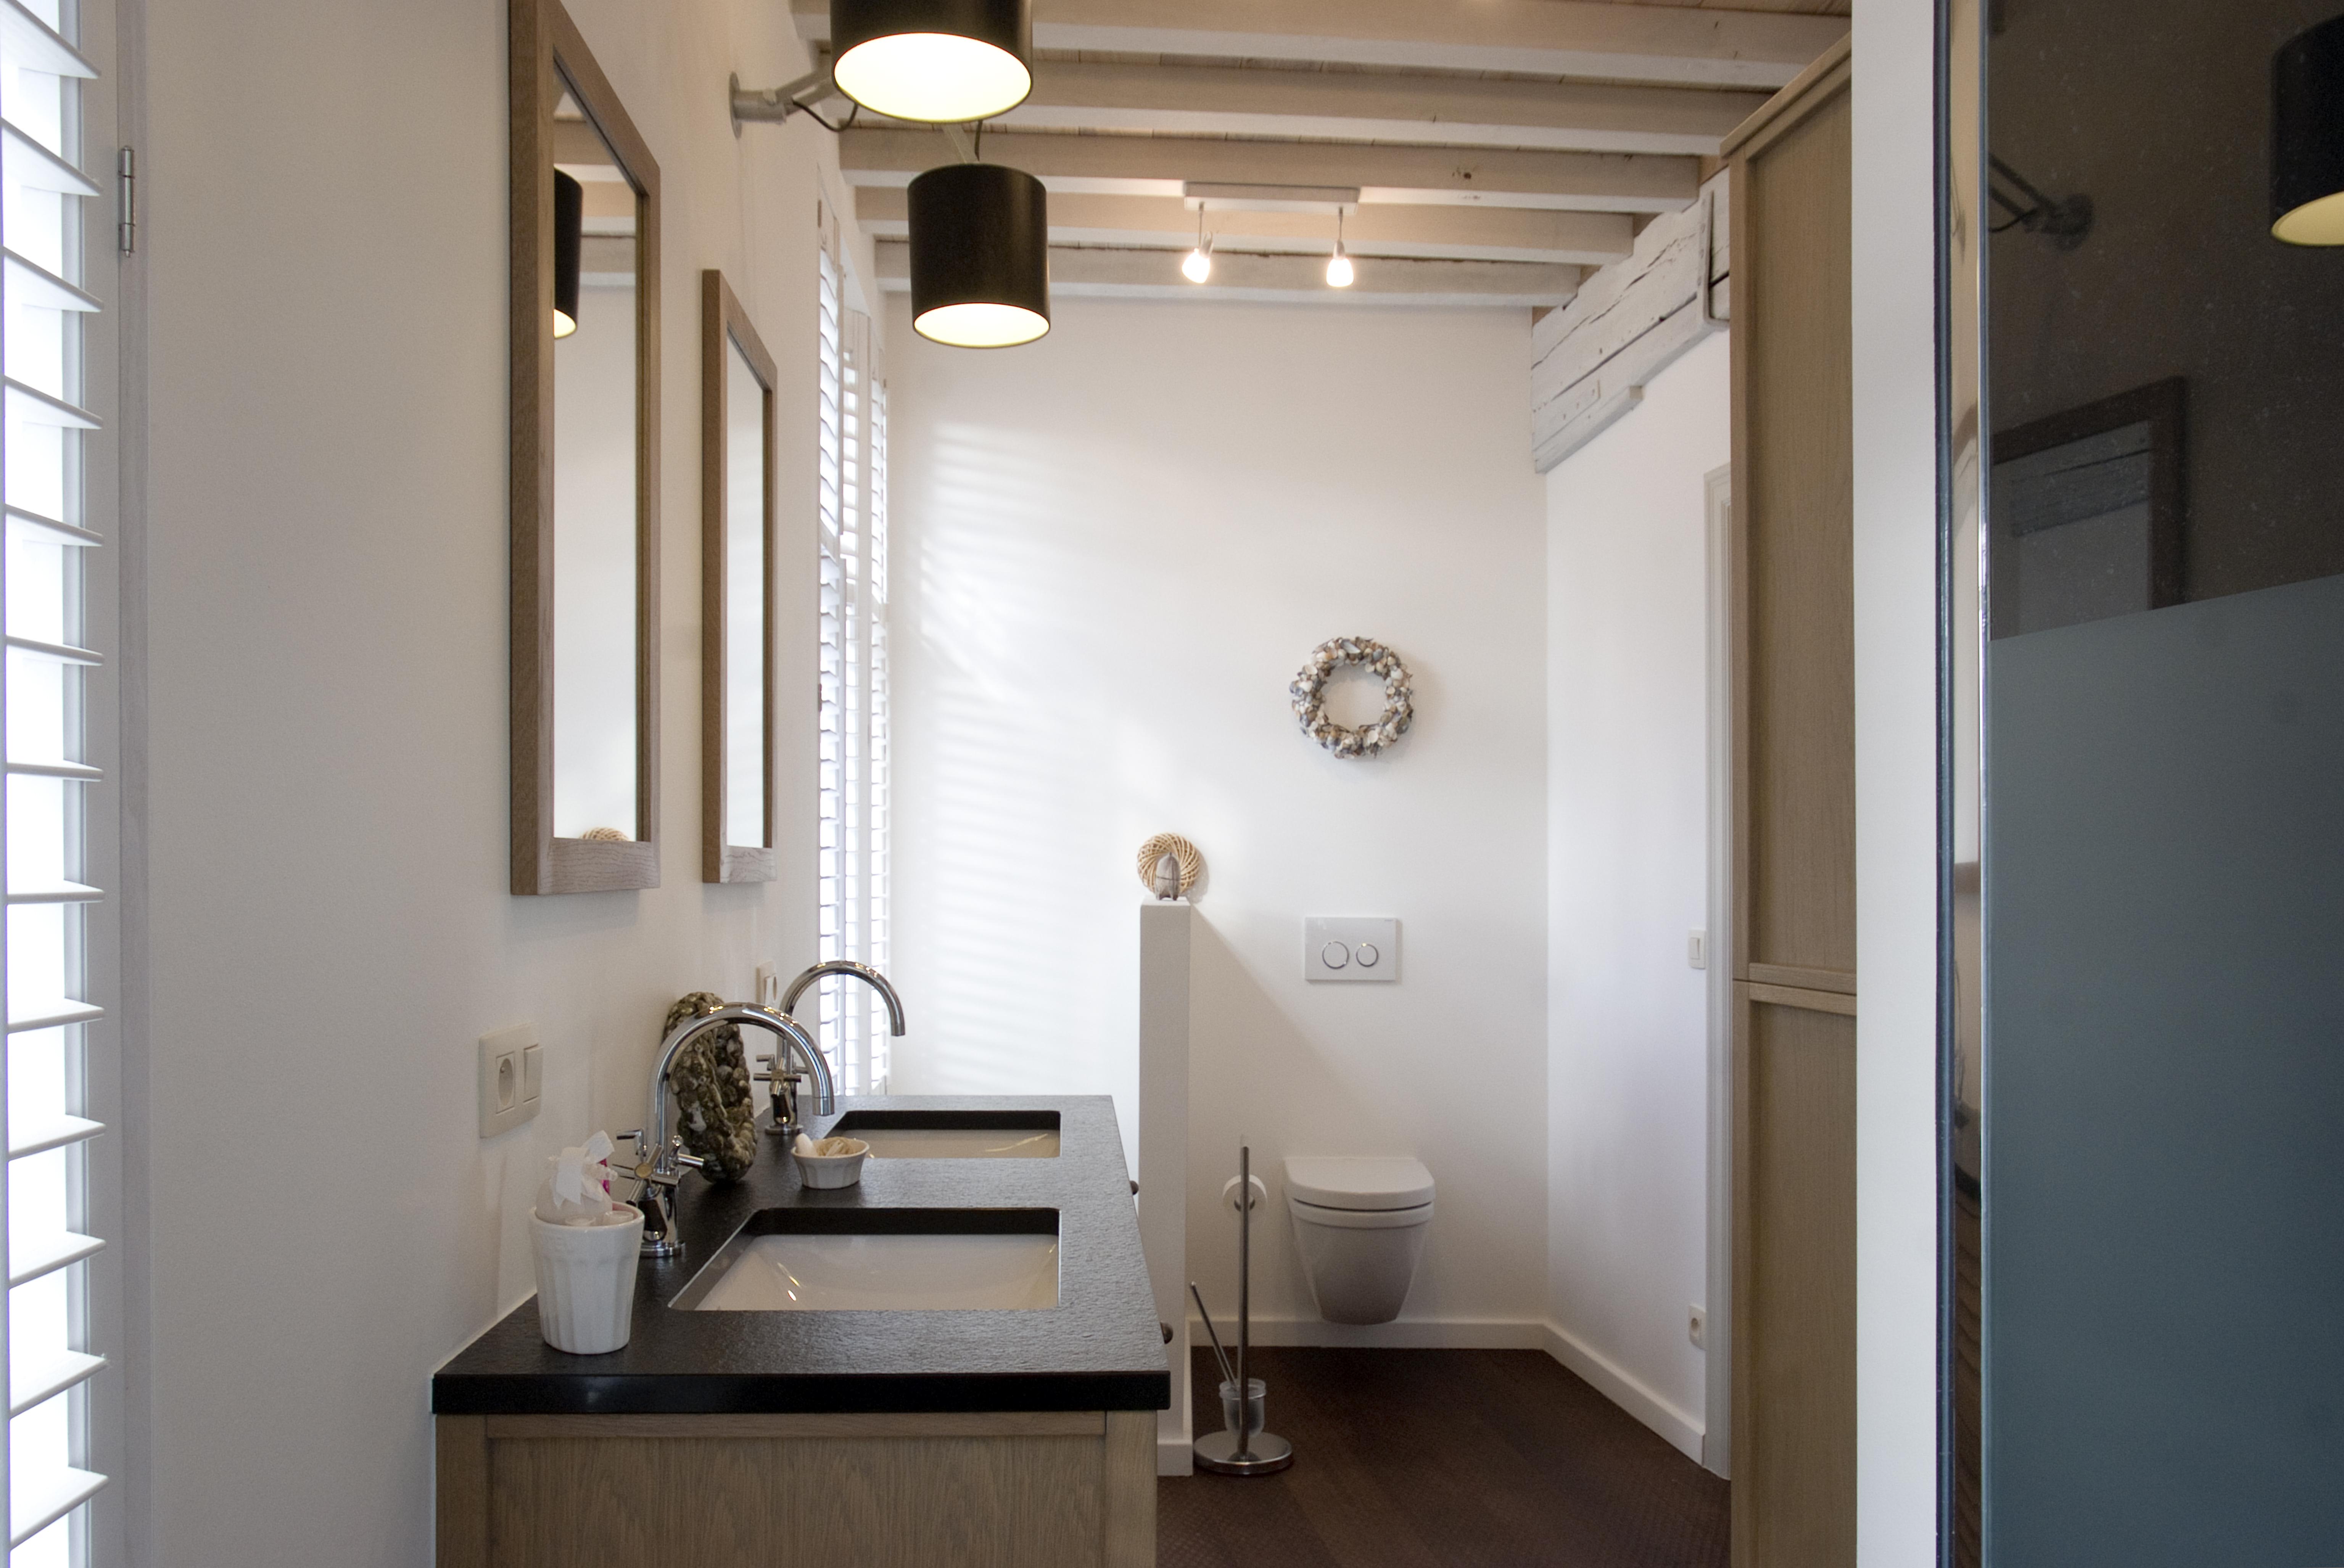 Badkamer d interieur verkest for Interieur verkest